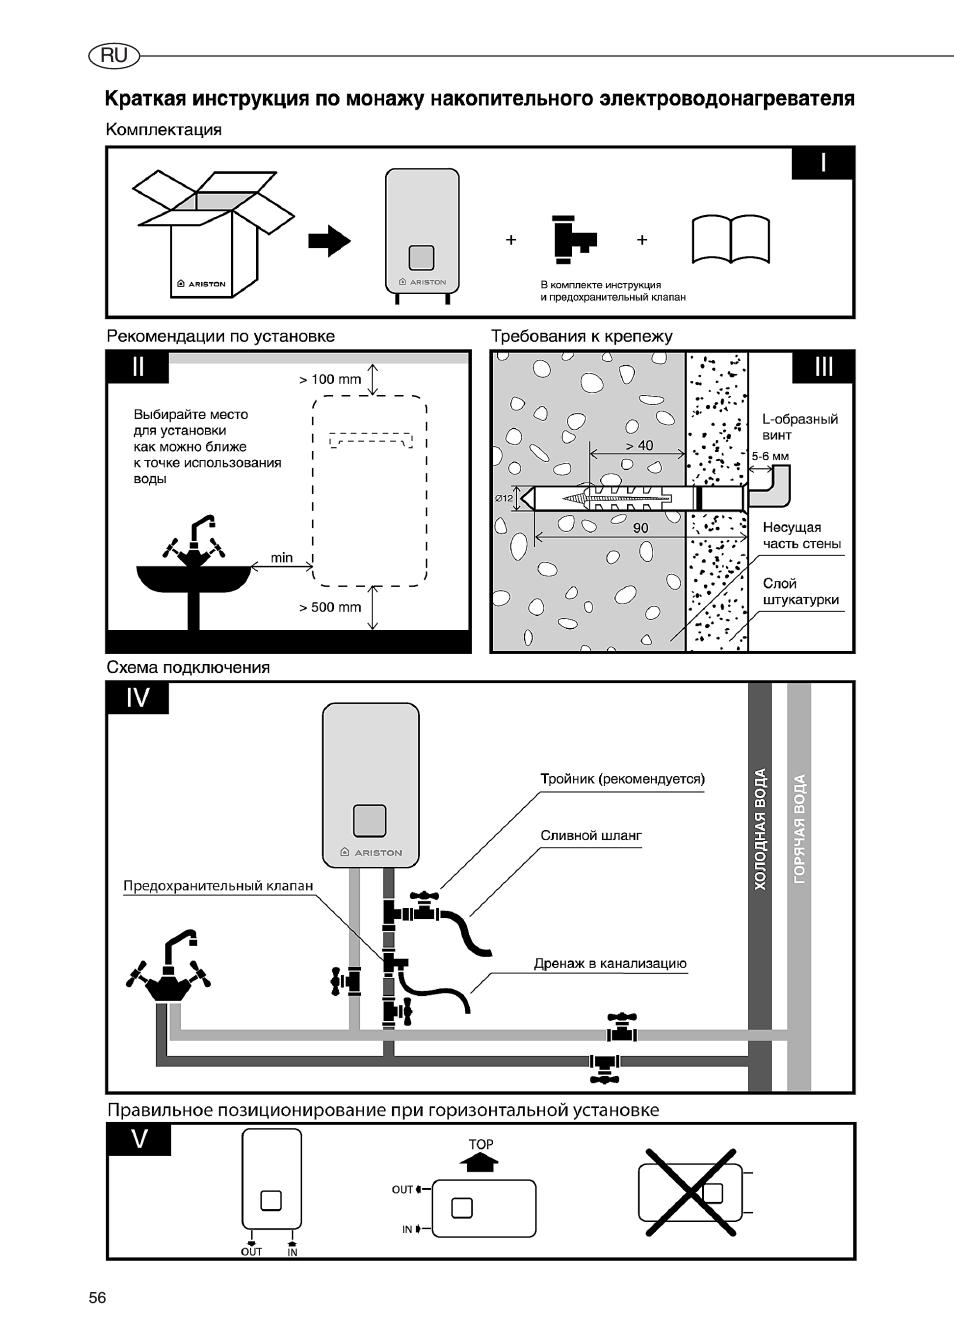 Как запустить водонагреватель аристон